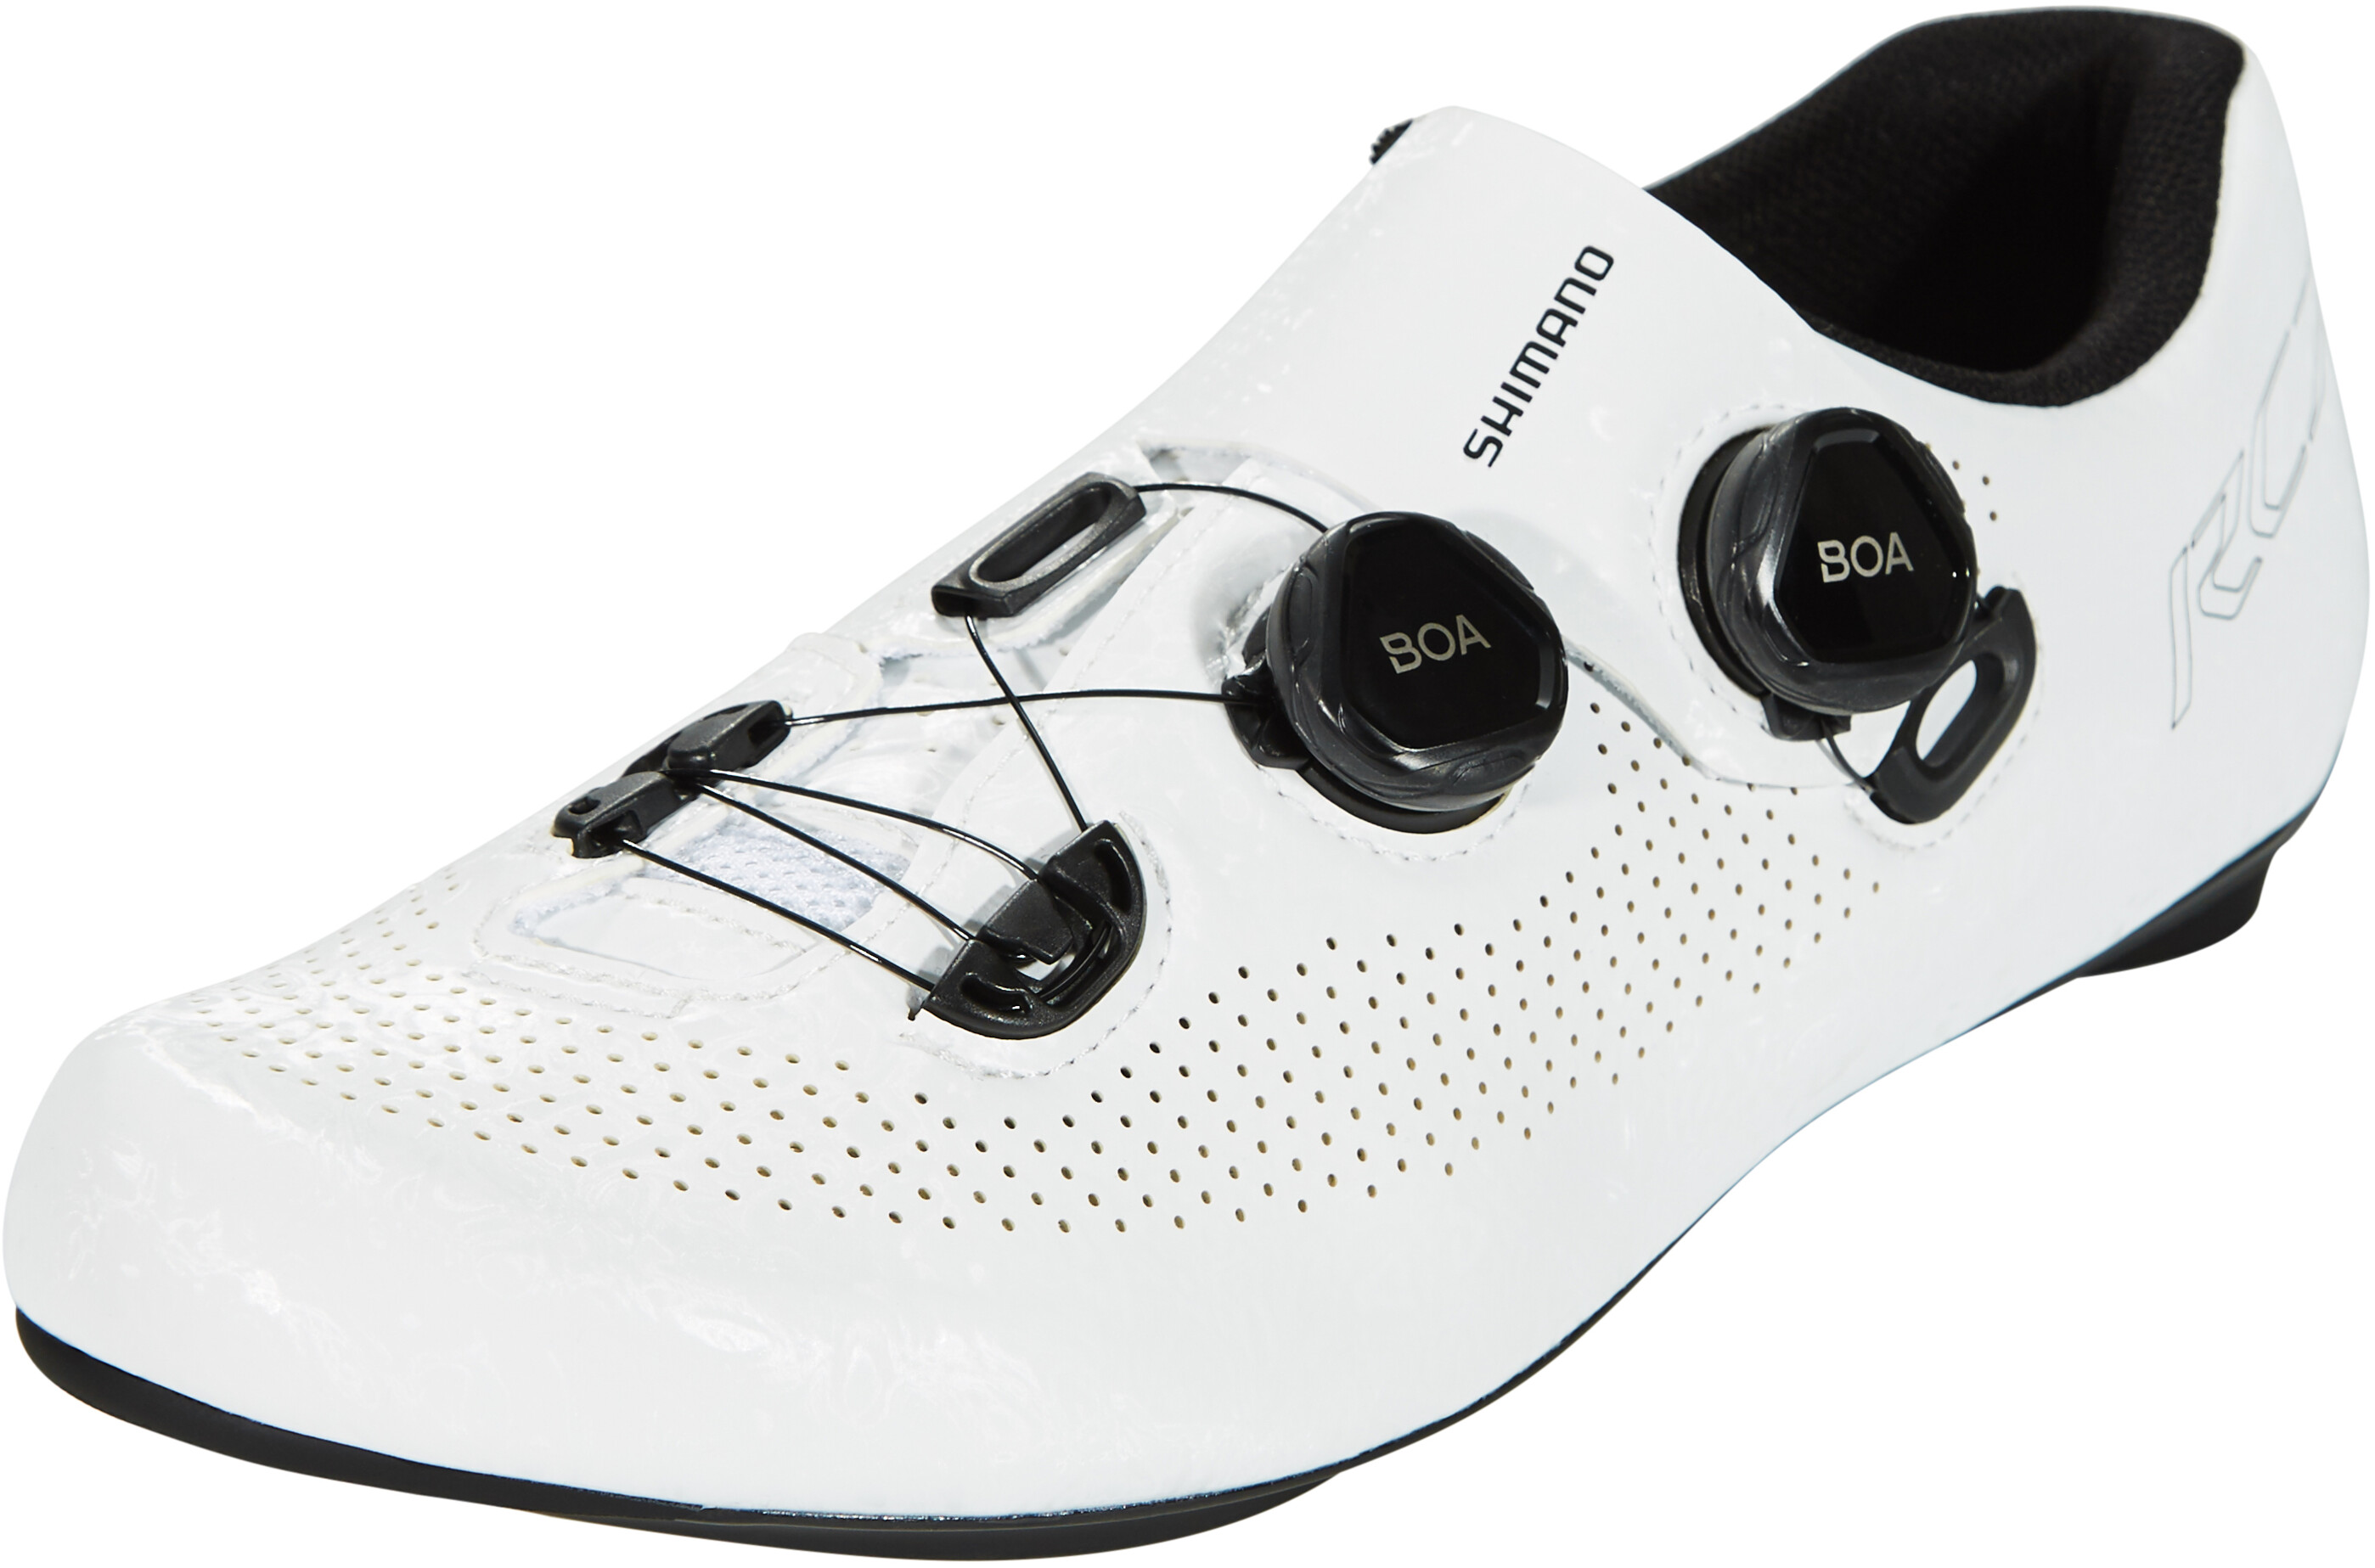 3ed675cd975 Shimano SH-RC701 schoenen wit I Eenvoudig online bij Bikester